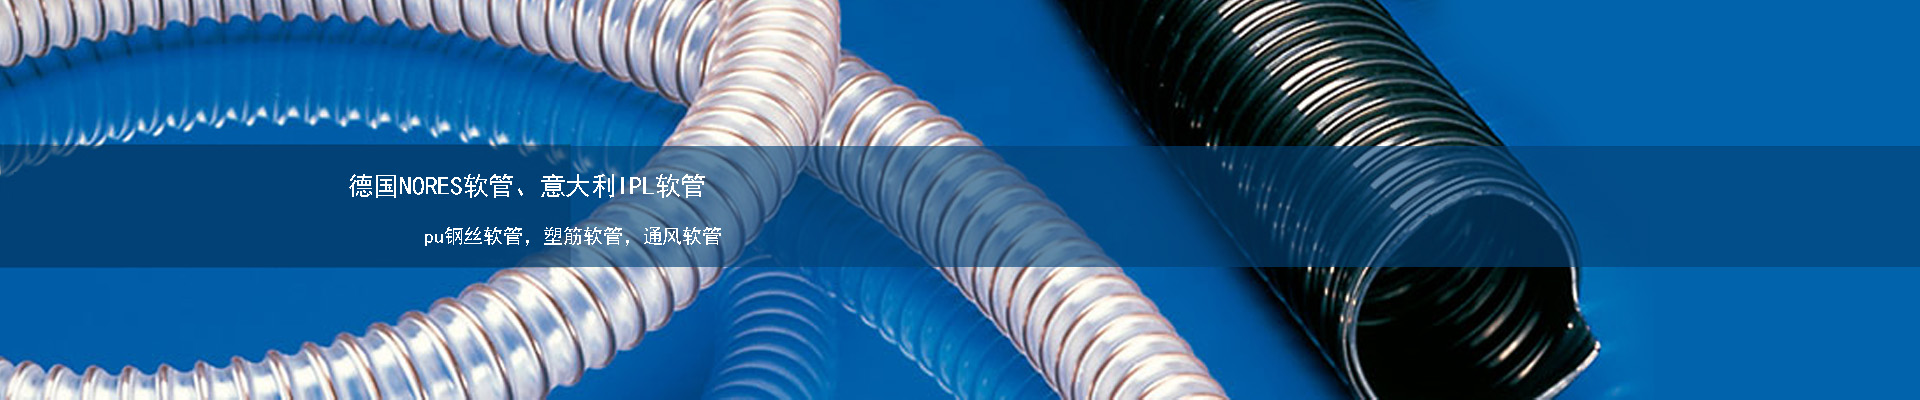 进口工业软管